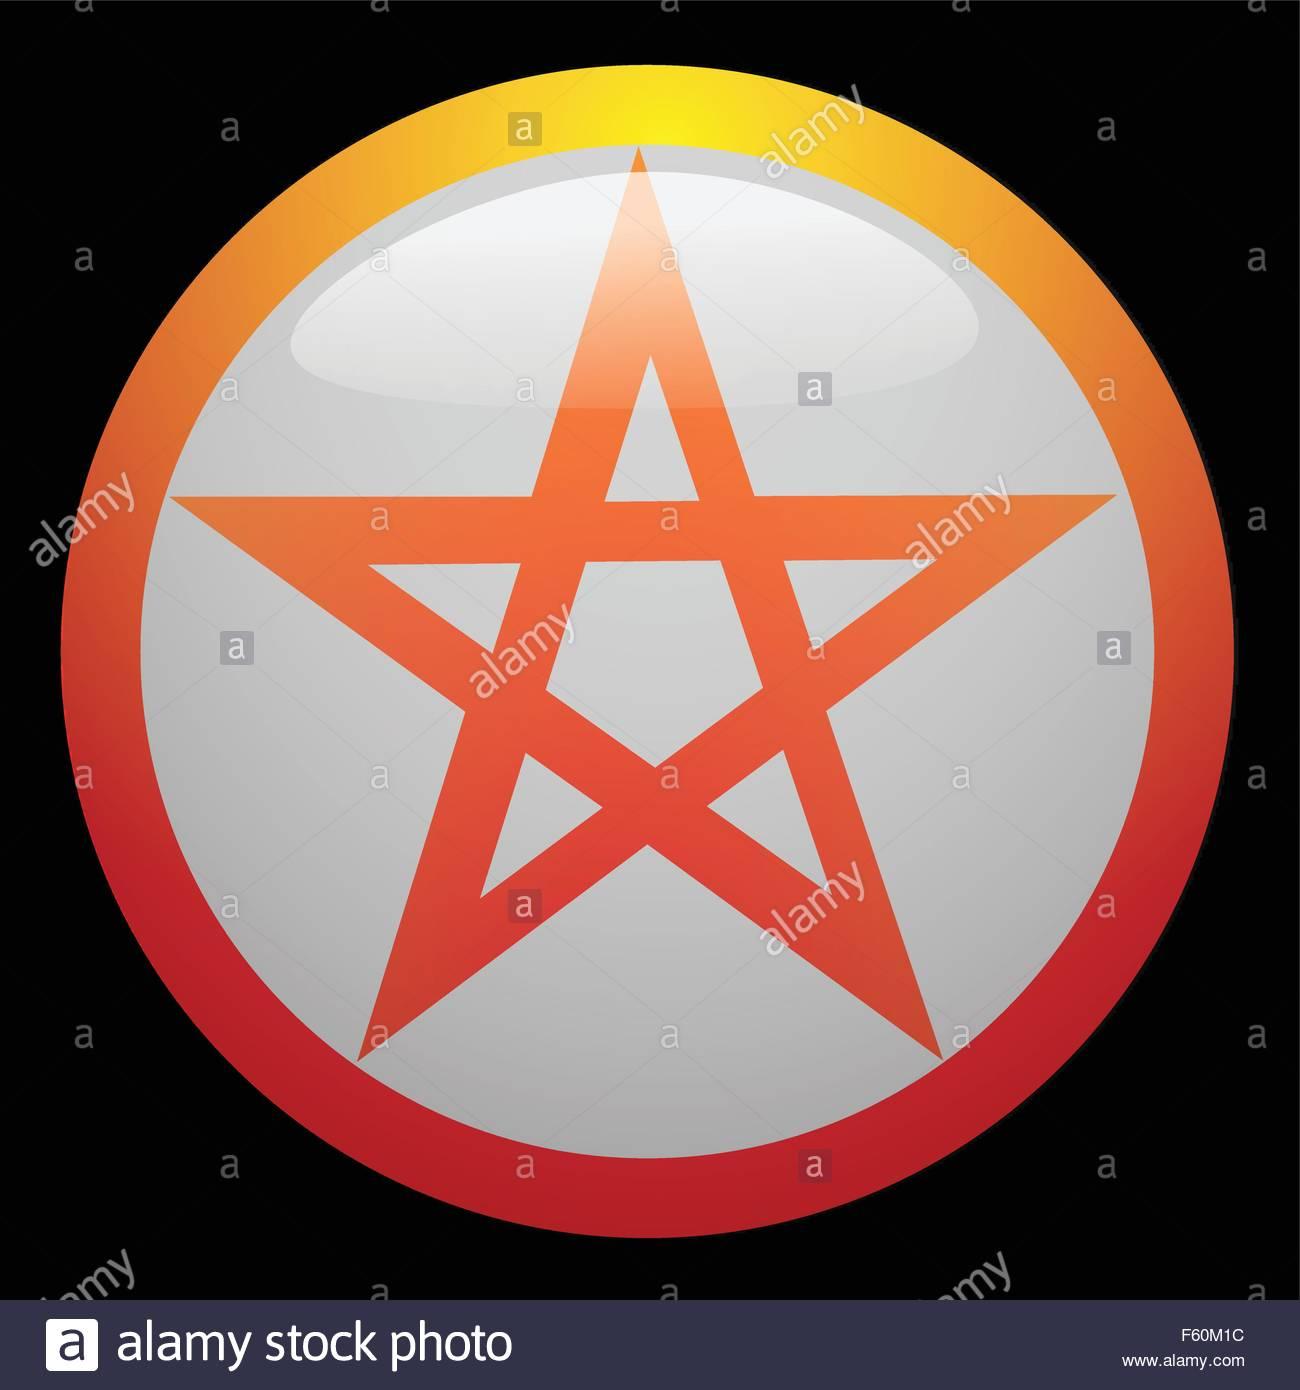 c8.alamy.com/compde/f60m1c/das-magische-symbol-des...